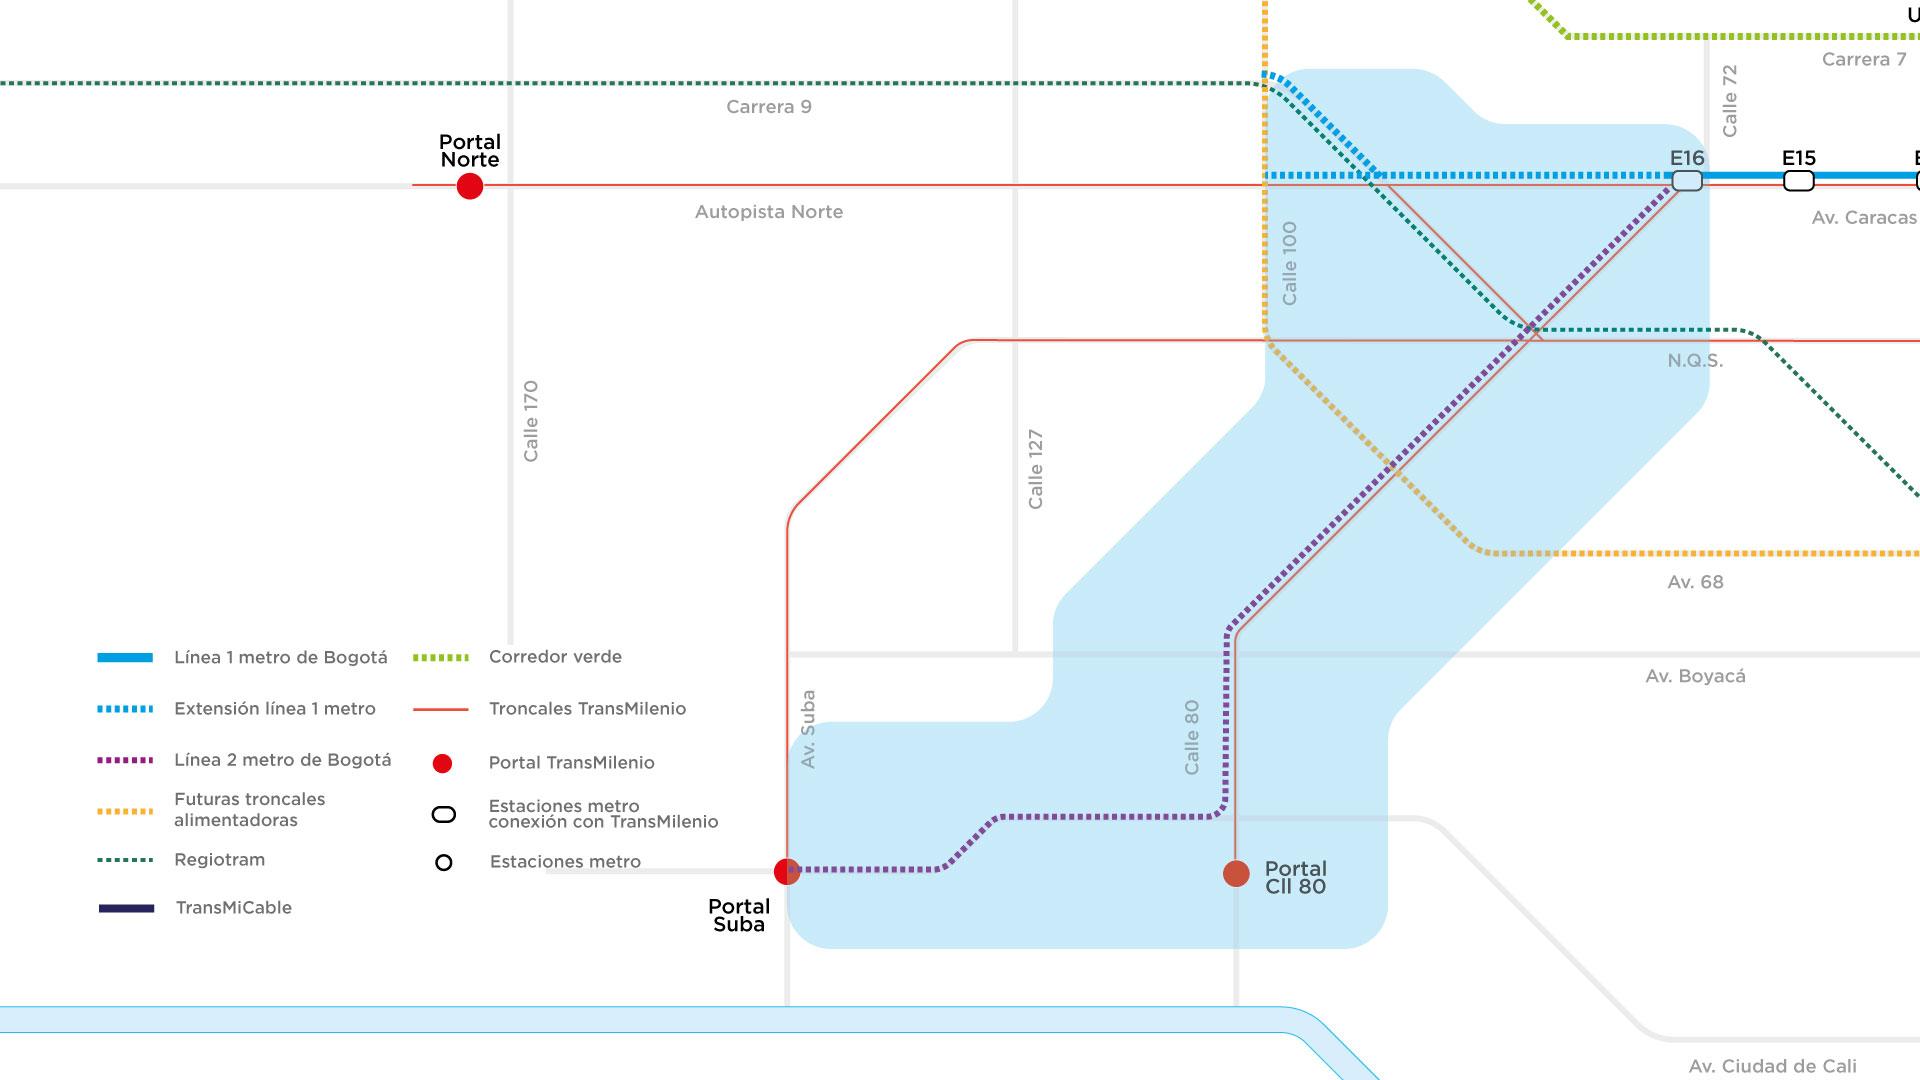 Red de metros propuesta por la alcaldesa Claudia López se consolida con la aprobación del Concejo del Plan de Desarrollo 2020-2024